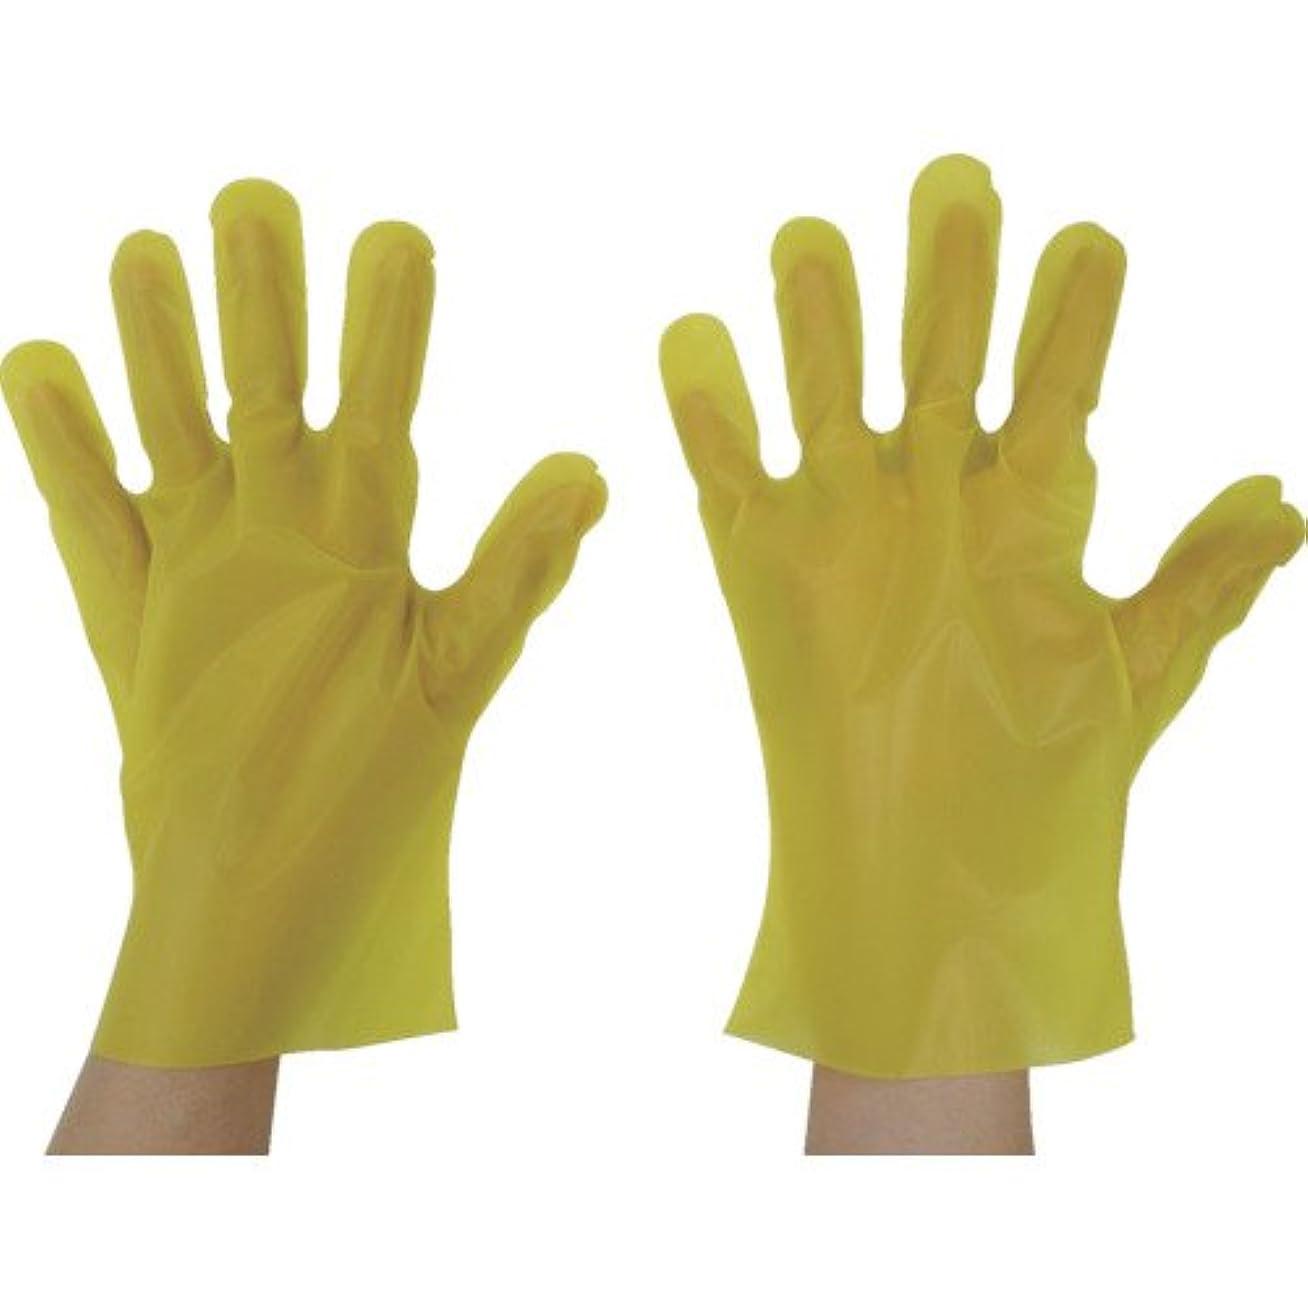 疑問を超えて一元化する汚染東京パック エンボス手袋五本絞りエコノミー化粧箱S イエロー(入数:200枚) YEK-S